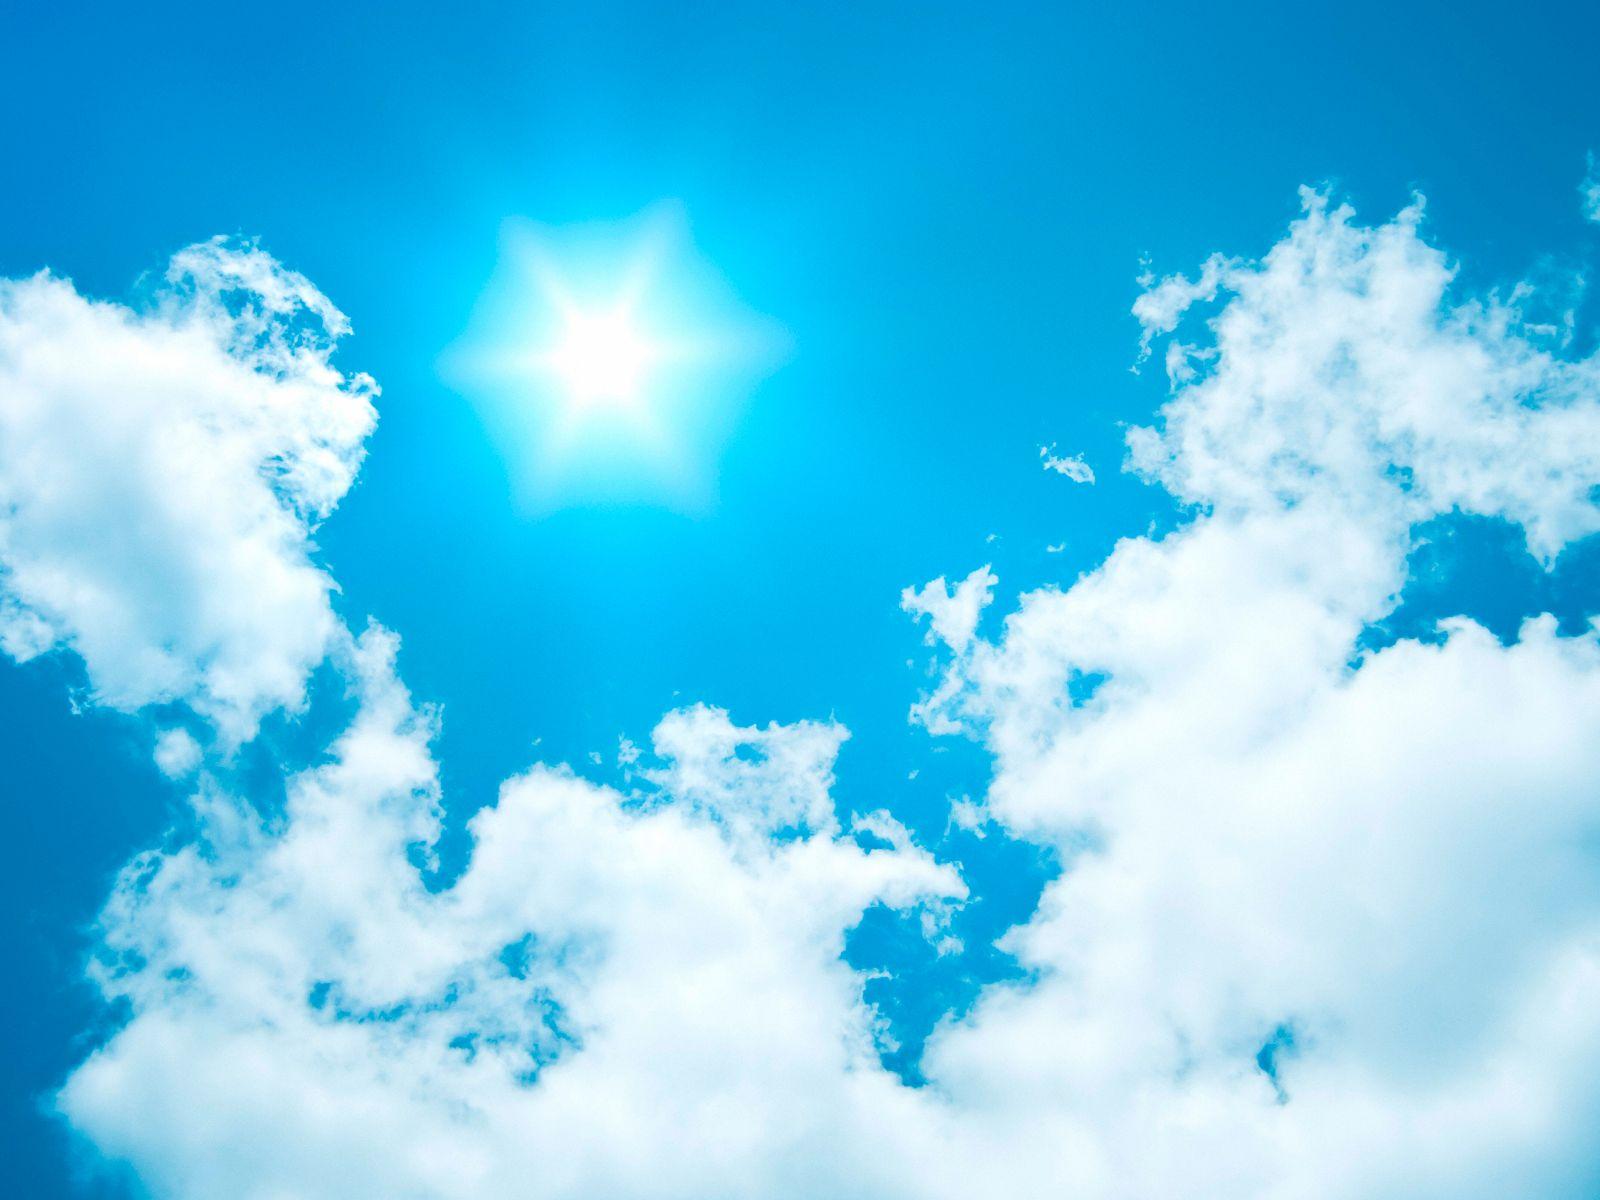 blauer Himmel mit Sonne und Wolken, Deutschland, Bayern blue sky with sun and clouds, Germany, Bavaria BLWS615197 Copyri